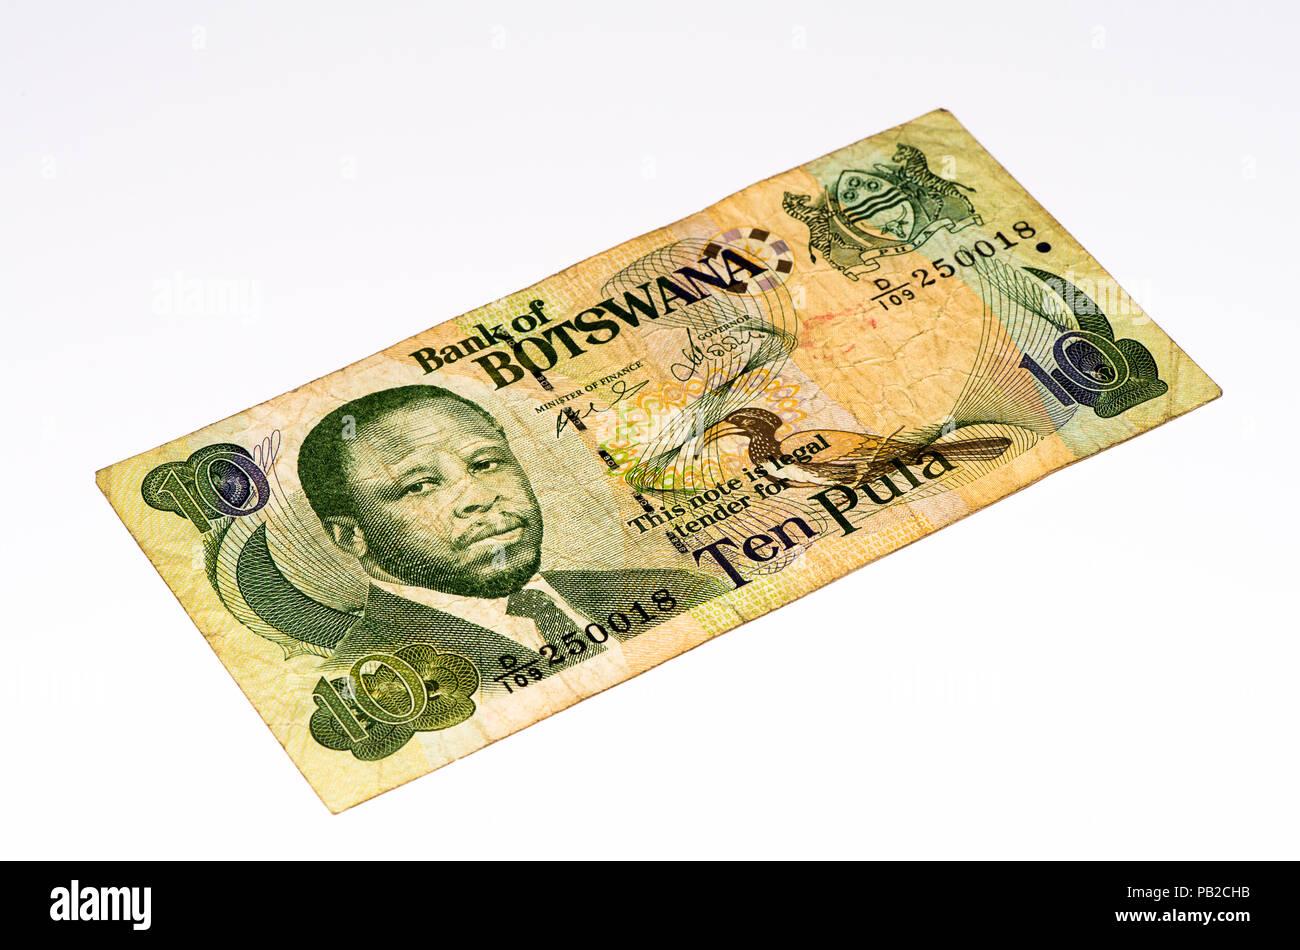 10 Pula Of Botswanapula Is The National Currency Of Botswana Stock